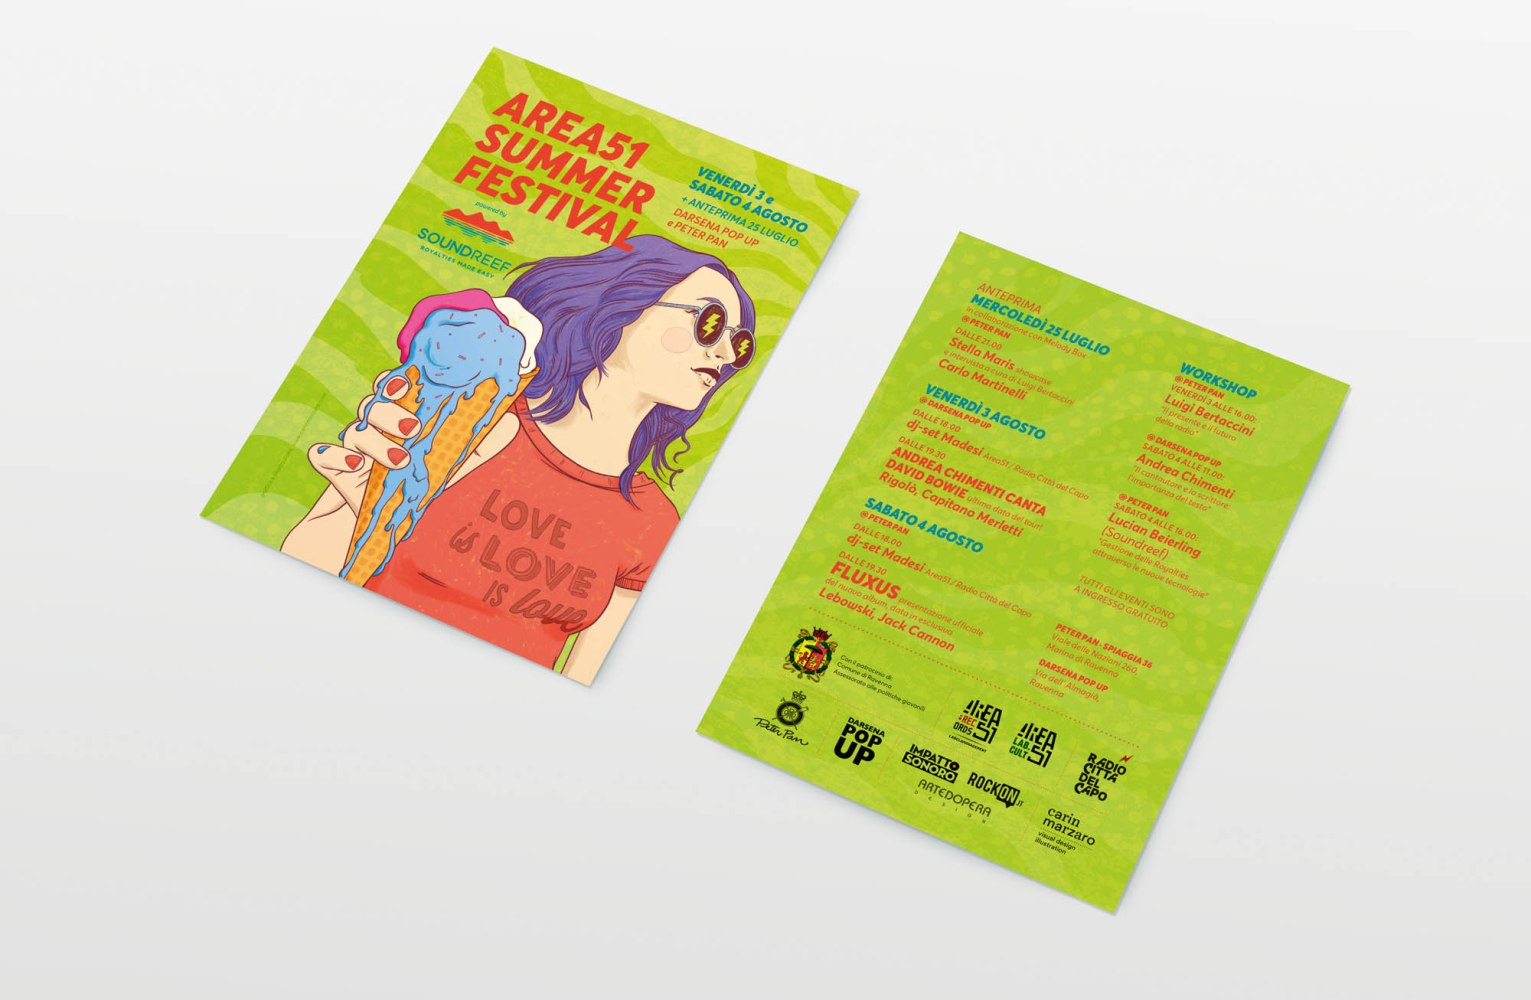 Area 51 Summer Festival, illustrazione e graphic design by Carin Marzaro